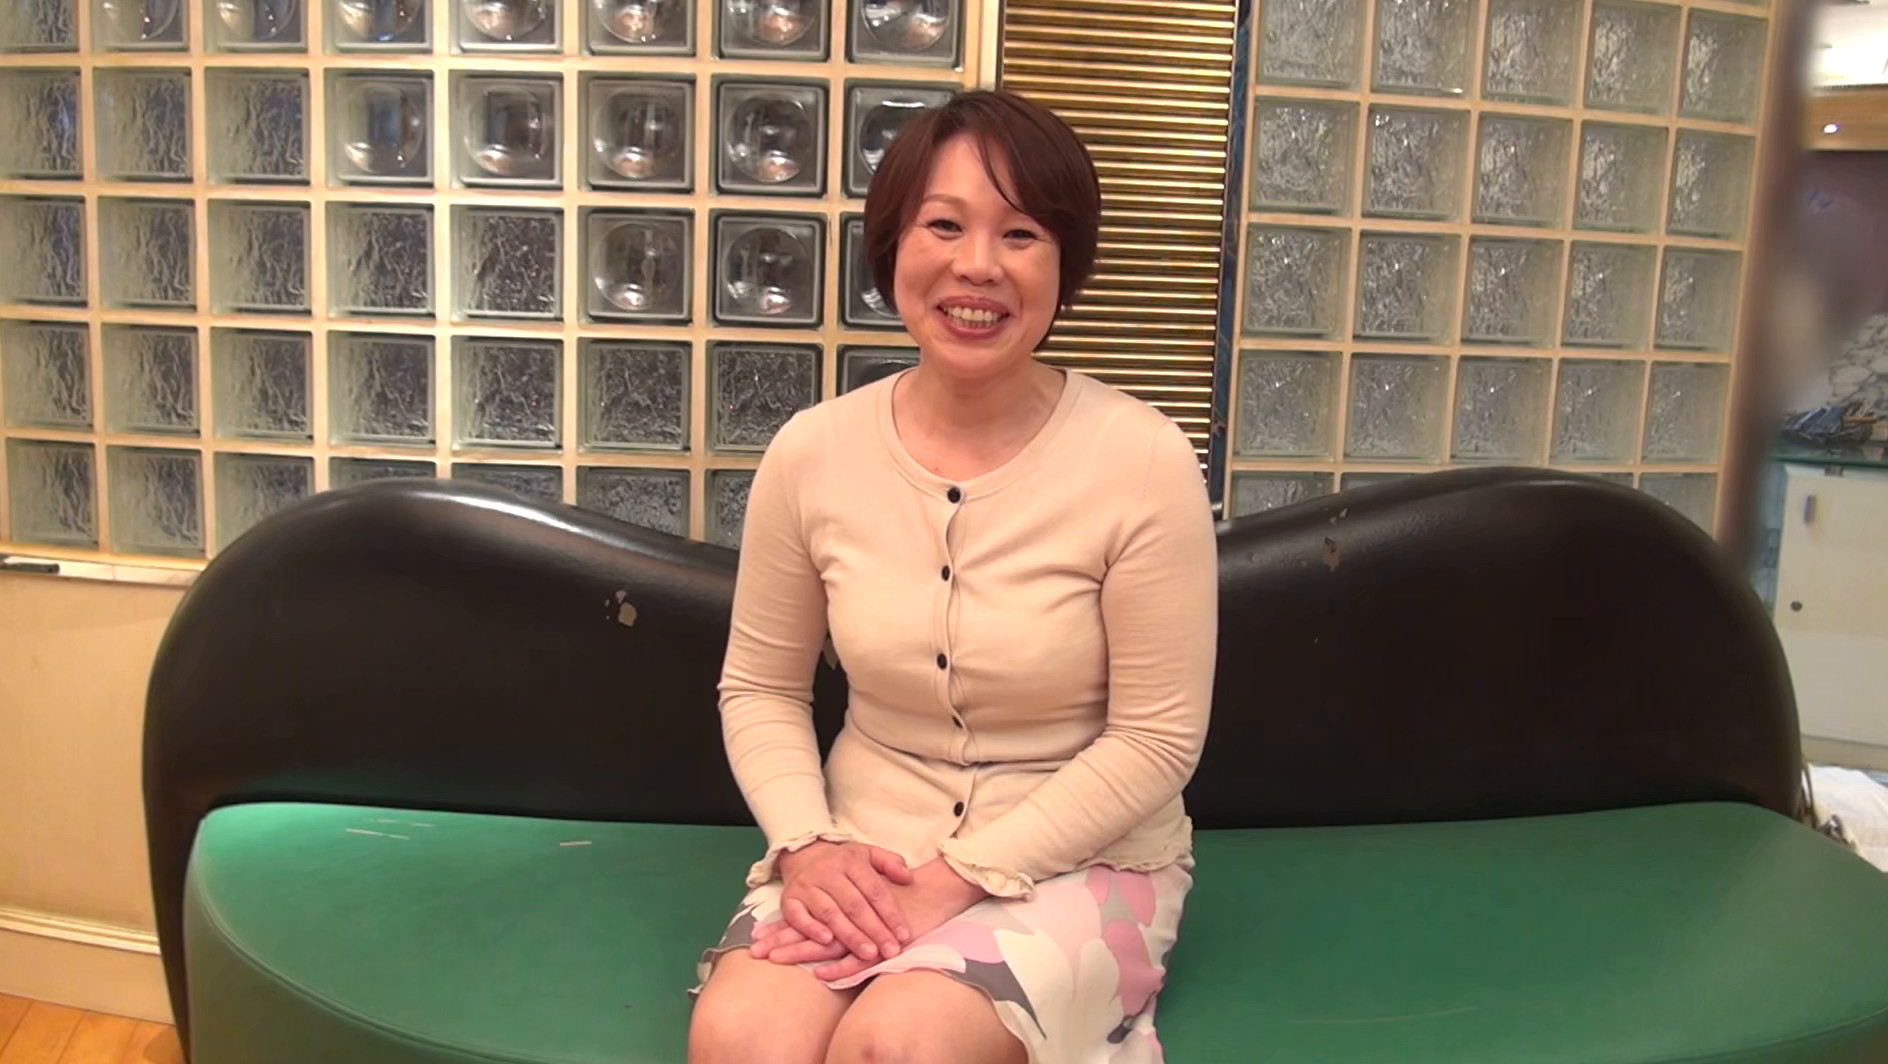 【五十路】応募素人妻 未知子さん 52歳,のサンプル画像1